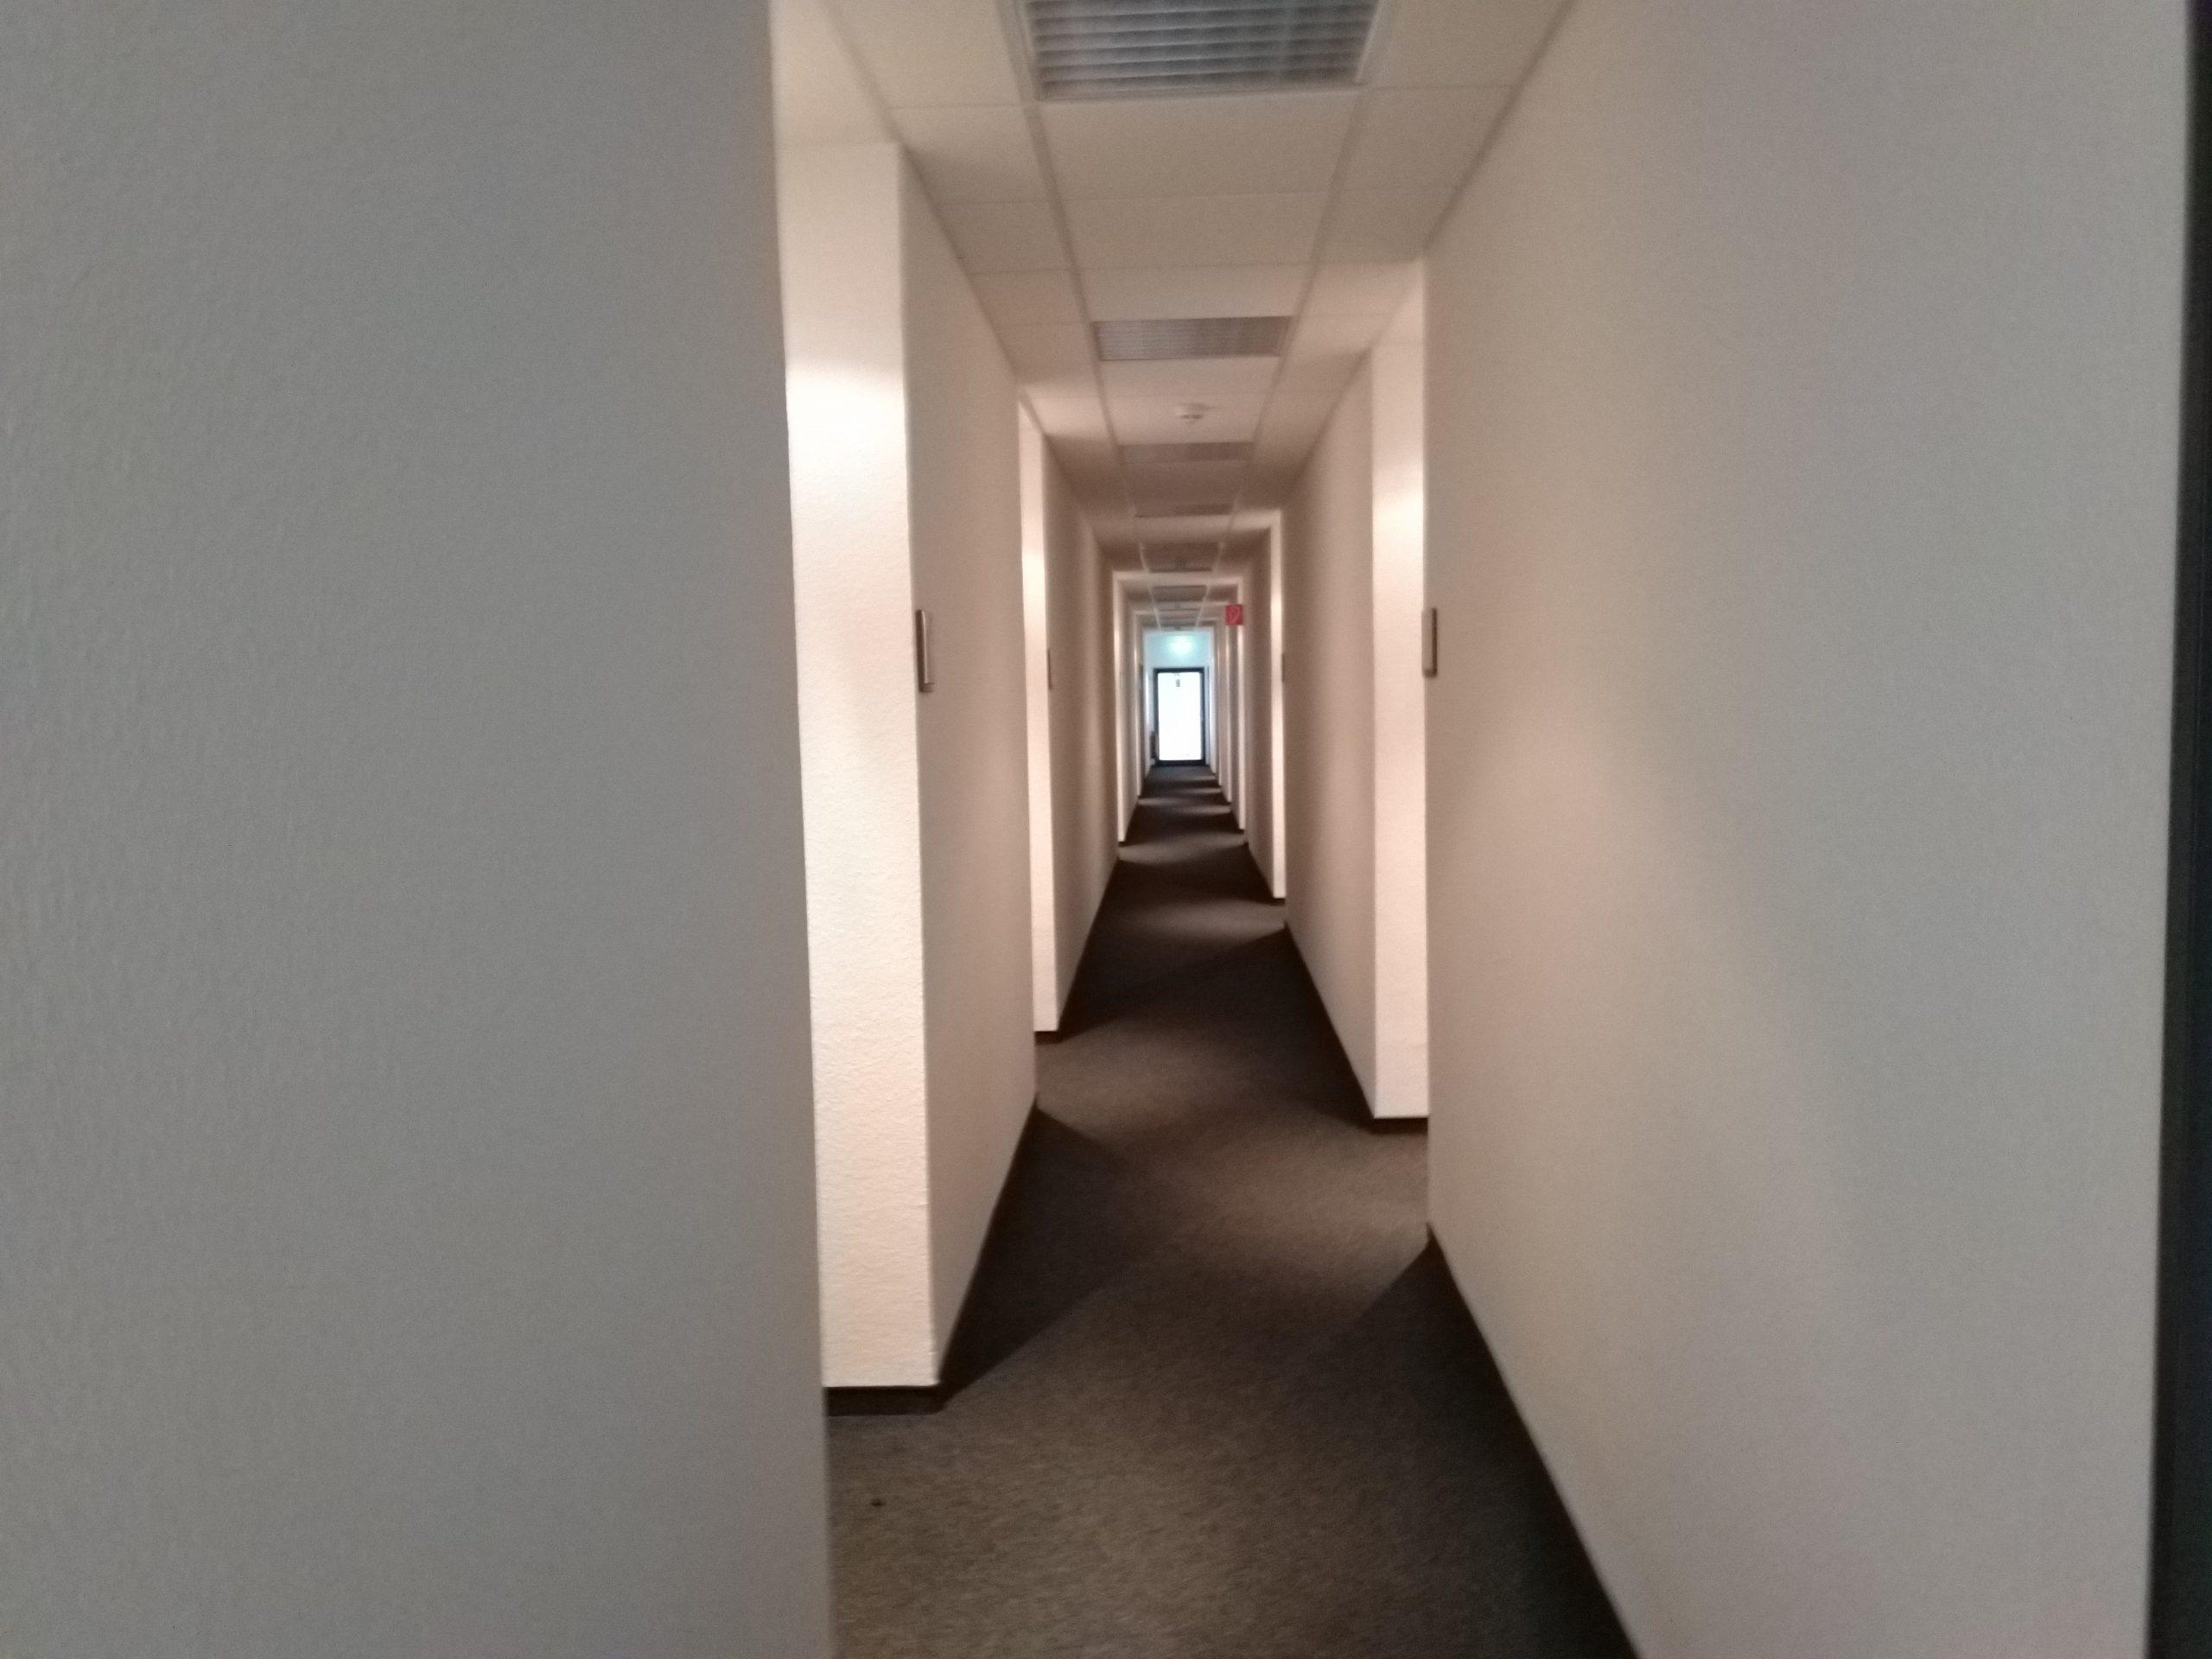 Büroflur mit Teppich - Wischen ist Macht JAMES CLEAN GMBH Ihr Servicepartner seit 1996 aus Mönchengladbach